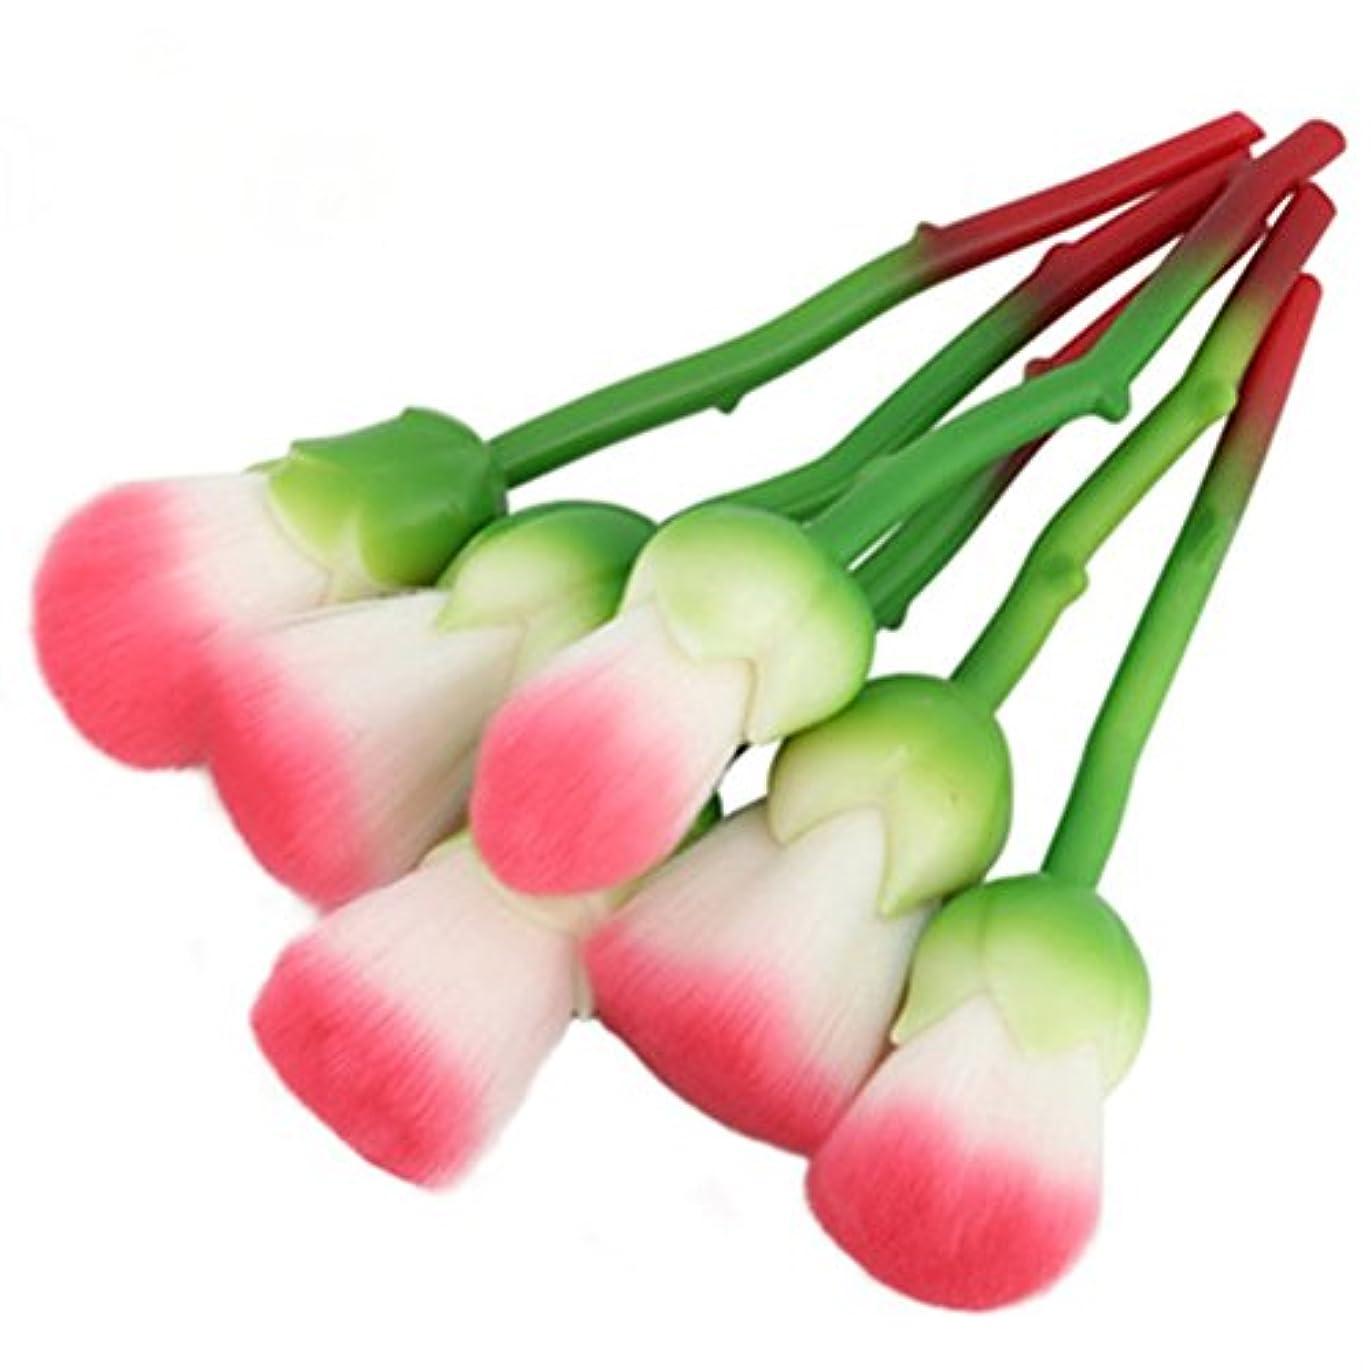 形容詞香ばしい拍車ディラビューティー(Dilla Beauty) メイクブラシ 薔薇 メイクブラシセット 人気 ファンデーションブラシ 化粧筆 可愛い 化粧ブラシ セット パウダーブラシ フェイスブラシ ローズ メイクブラシ 6本セット ケース付き (グリーン)